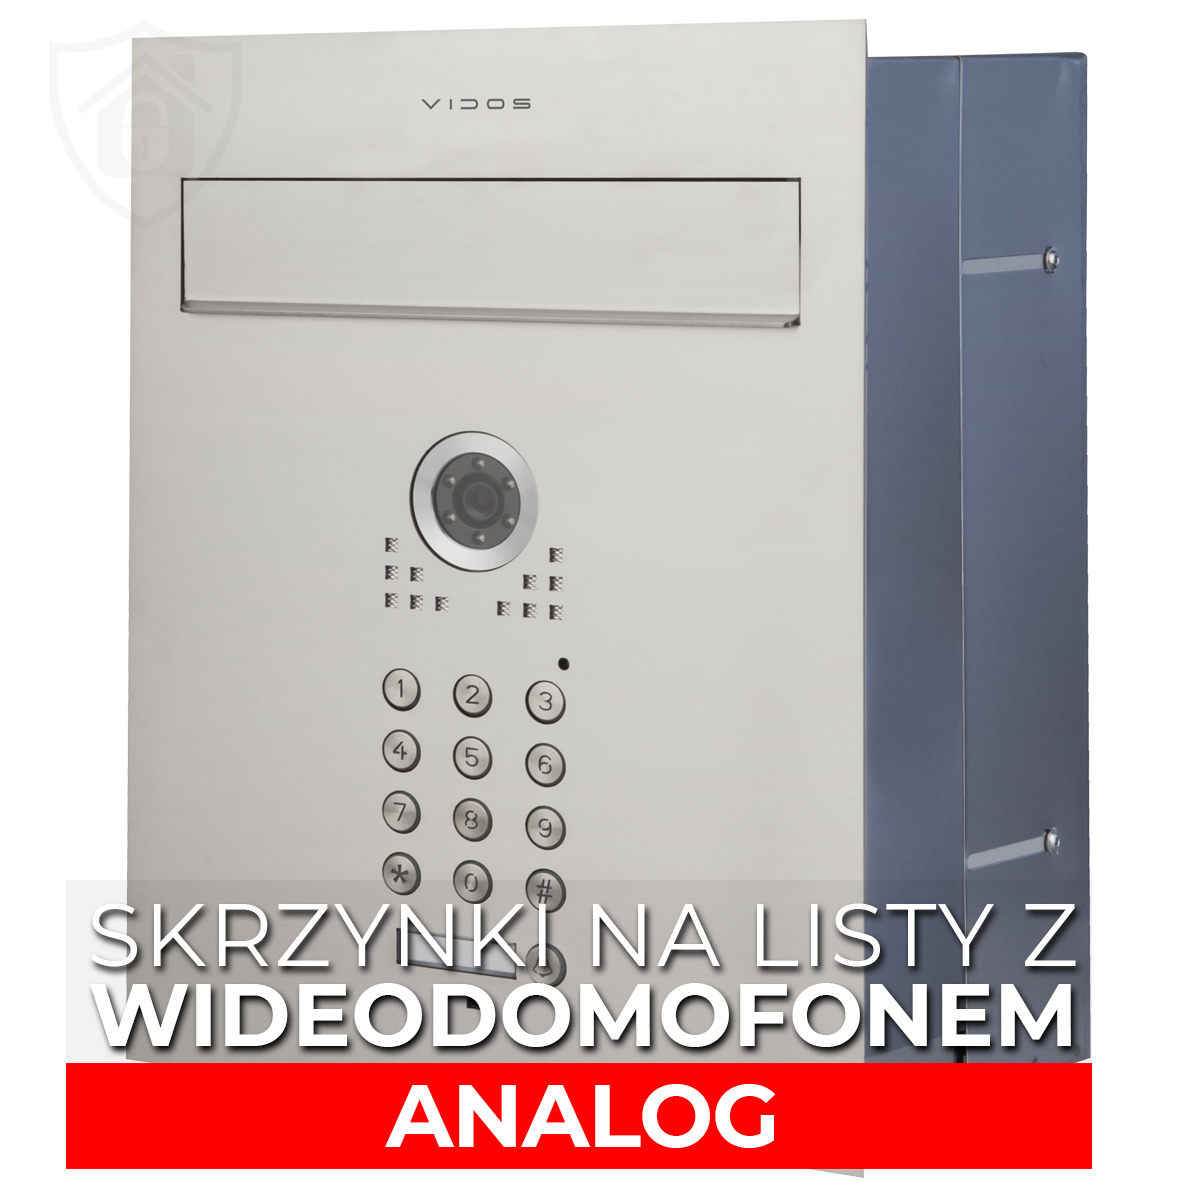 Wideodomofony ze skrzynką na listy analogowe VIDOS